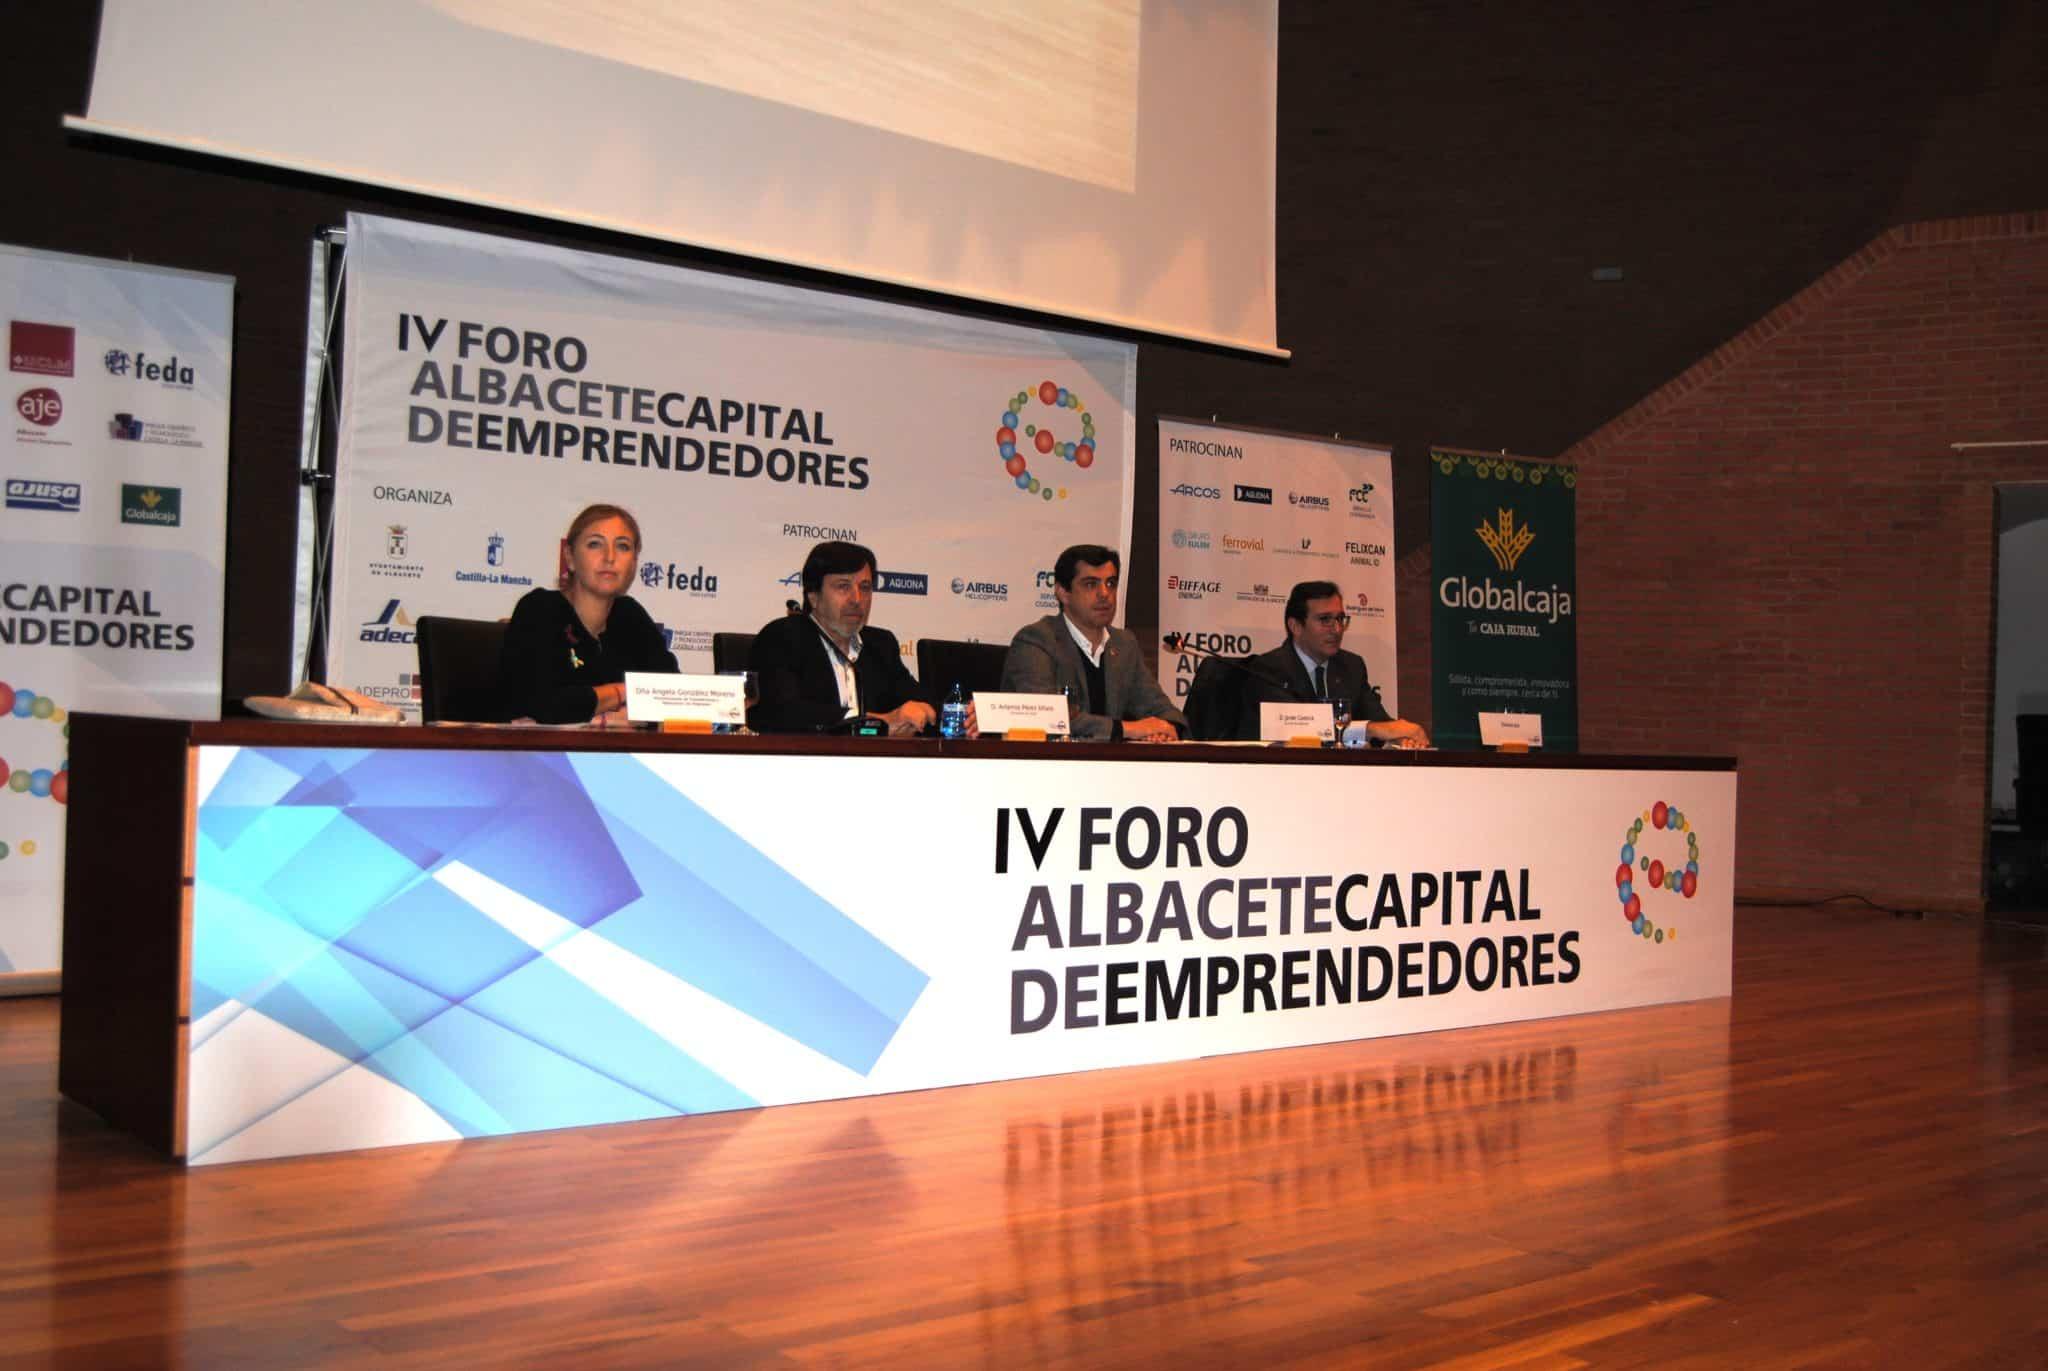 Globalcaja en el IV Foro 'Albacete capital de emprendedores'